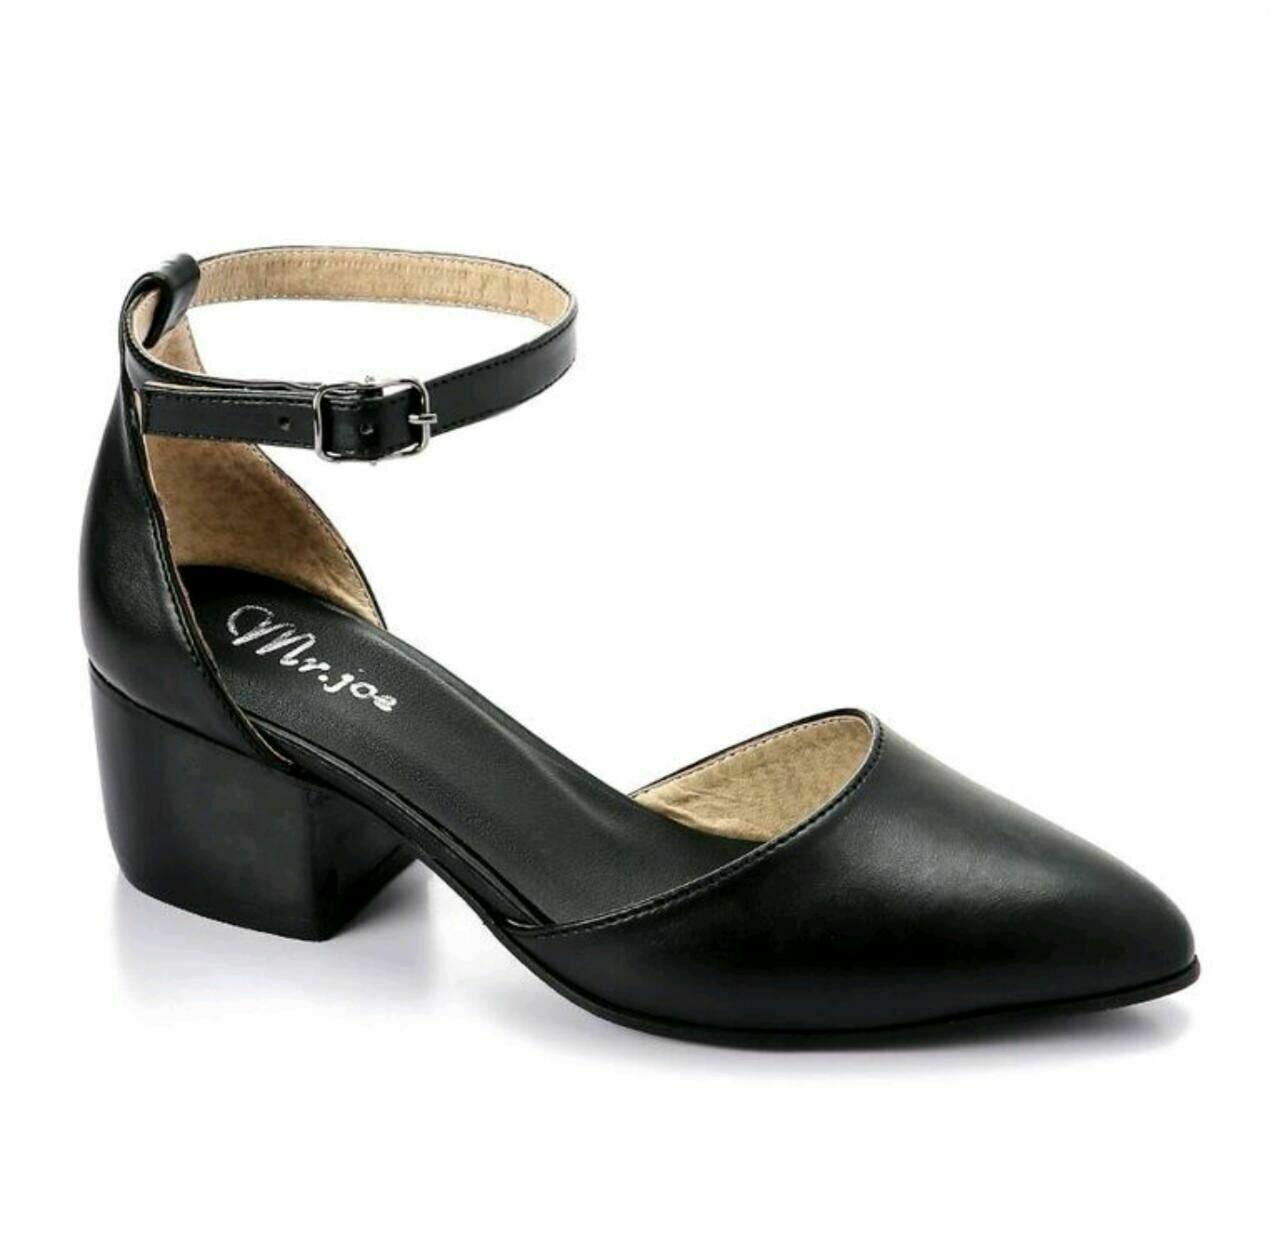 3347 Shoes - Black